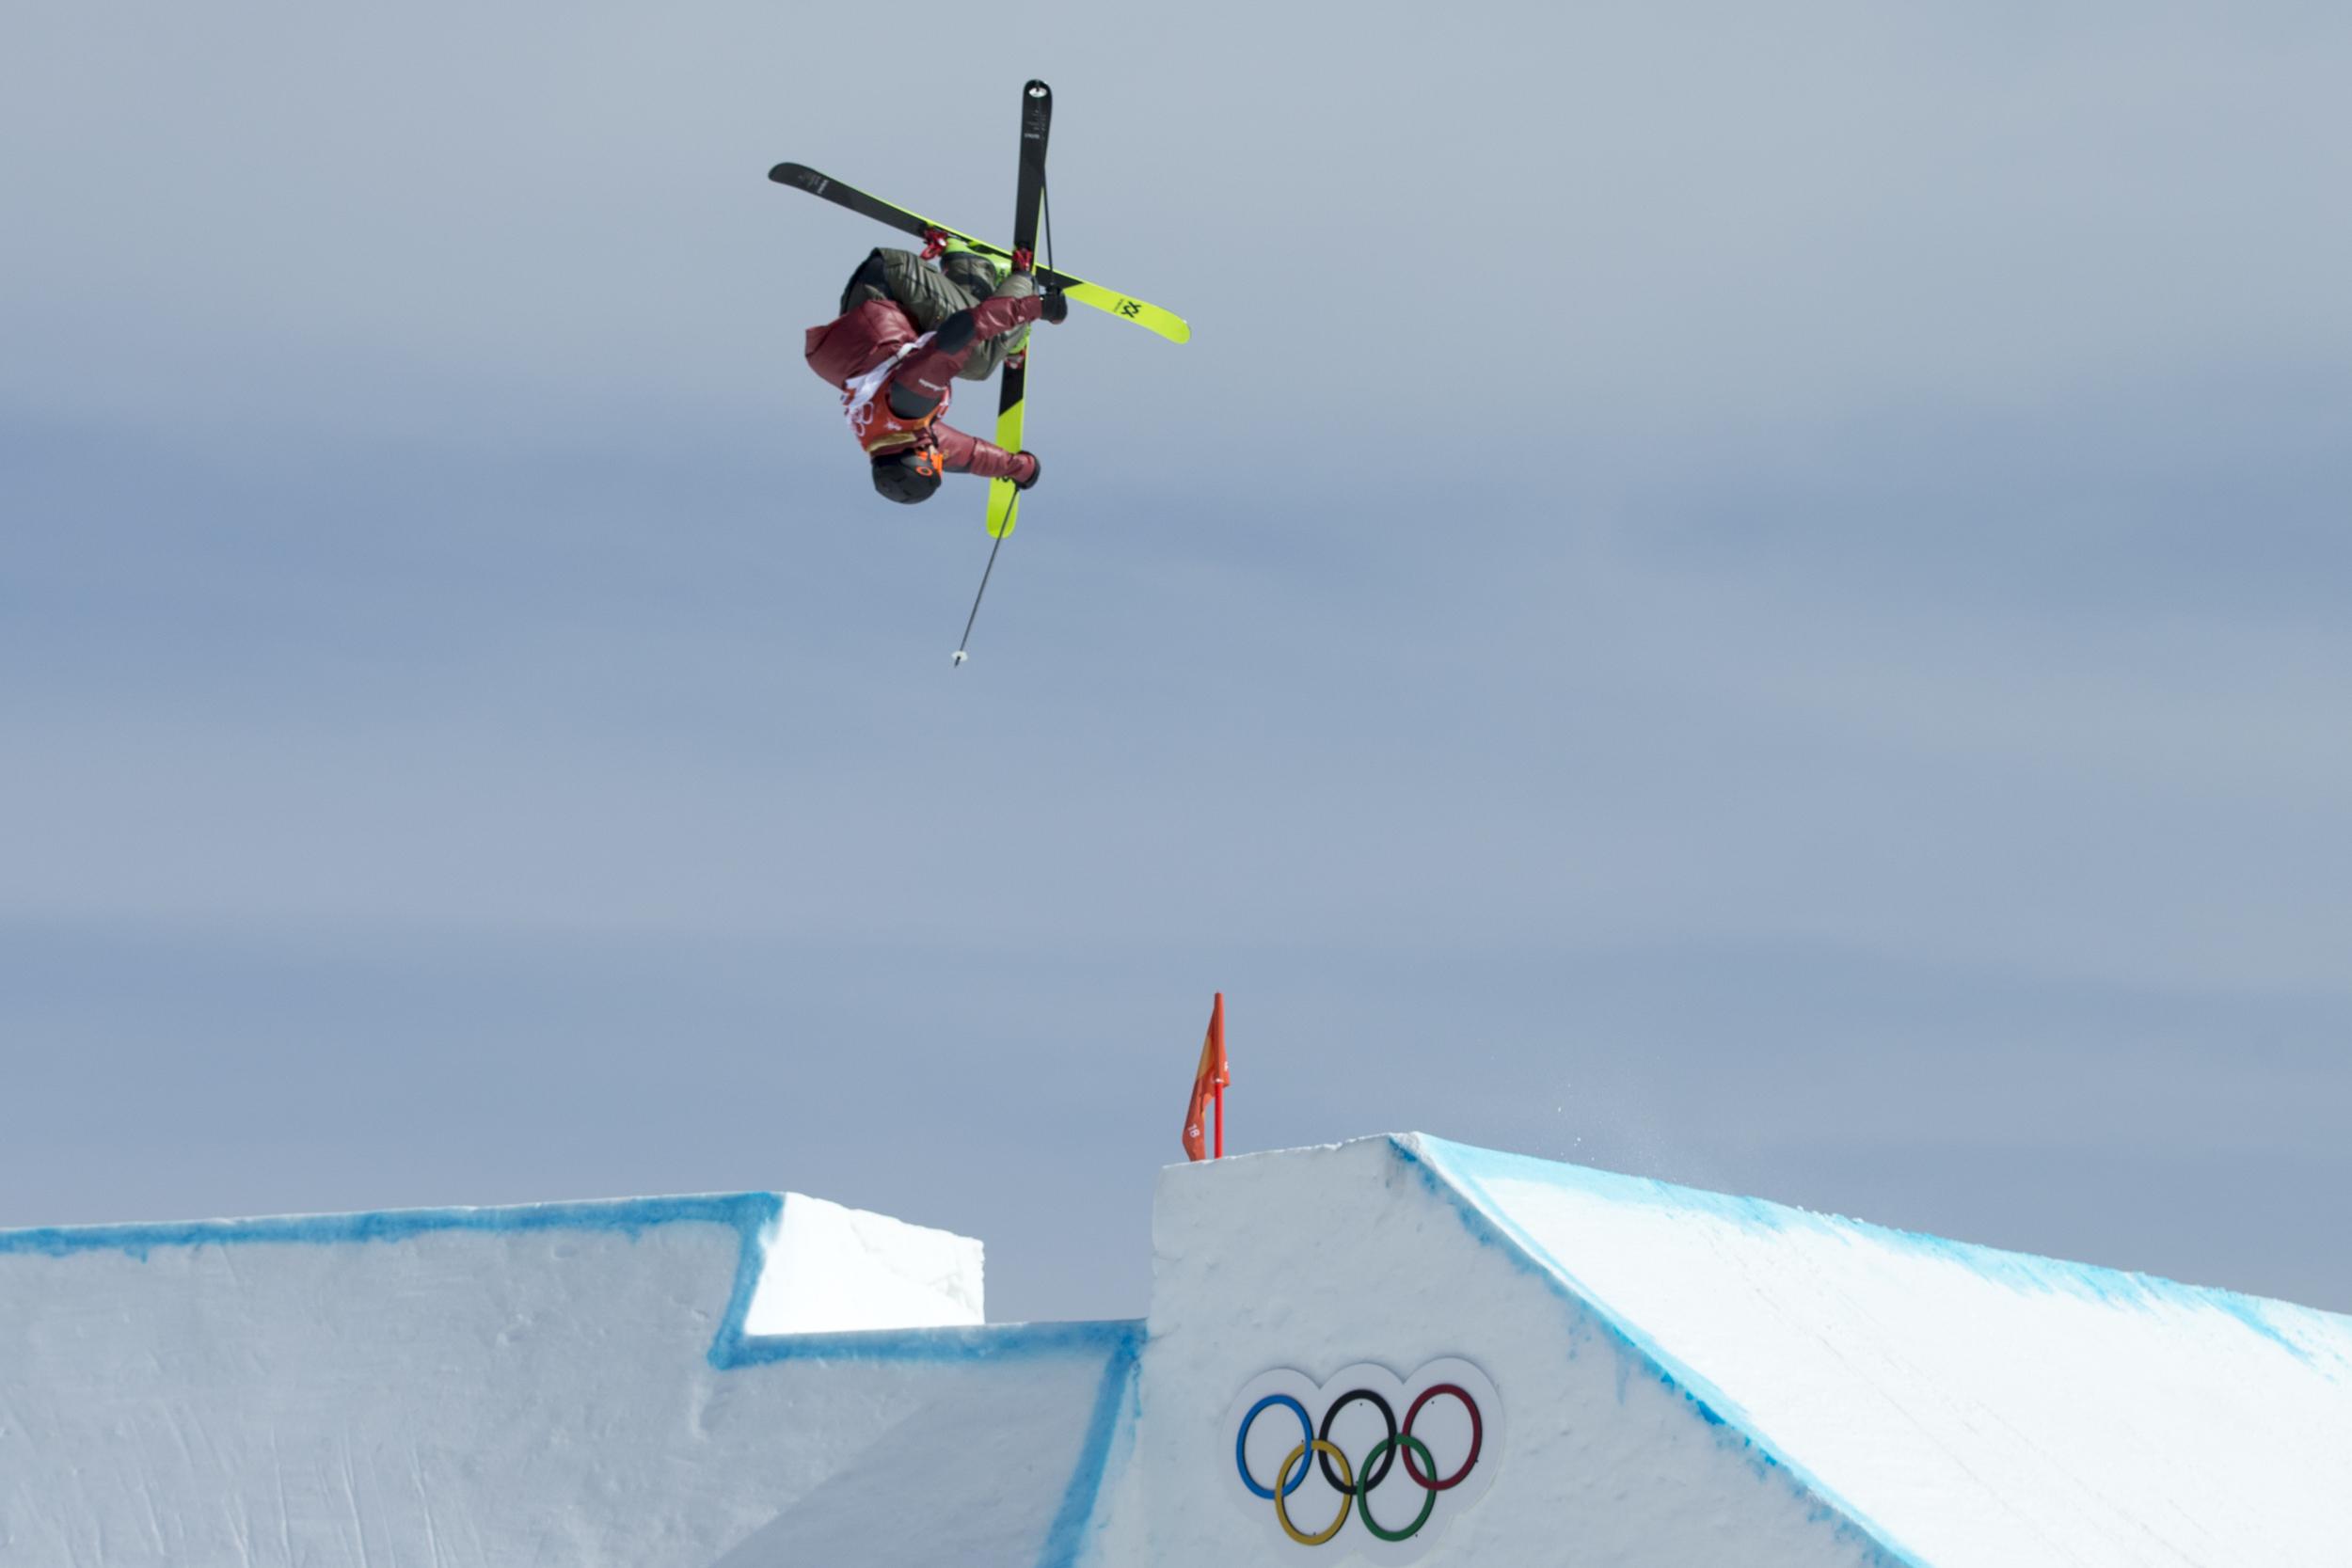 Alex Beaulieu-Marchand d'Équipe Canada lors des qualifications de ski slopestyle au Phoenix snow park des Jeux olympiques de PyeomgChang, le 18 février 2018. (Photo/David Jackson)